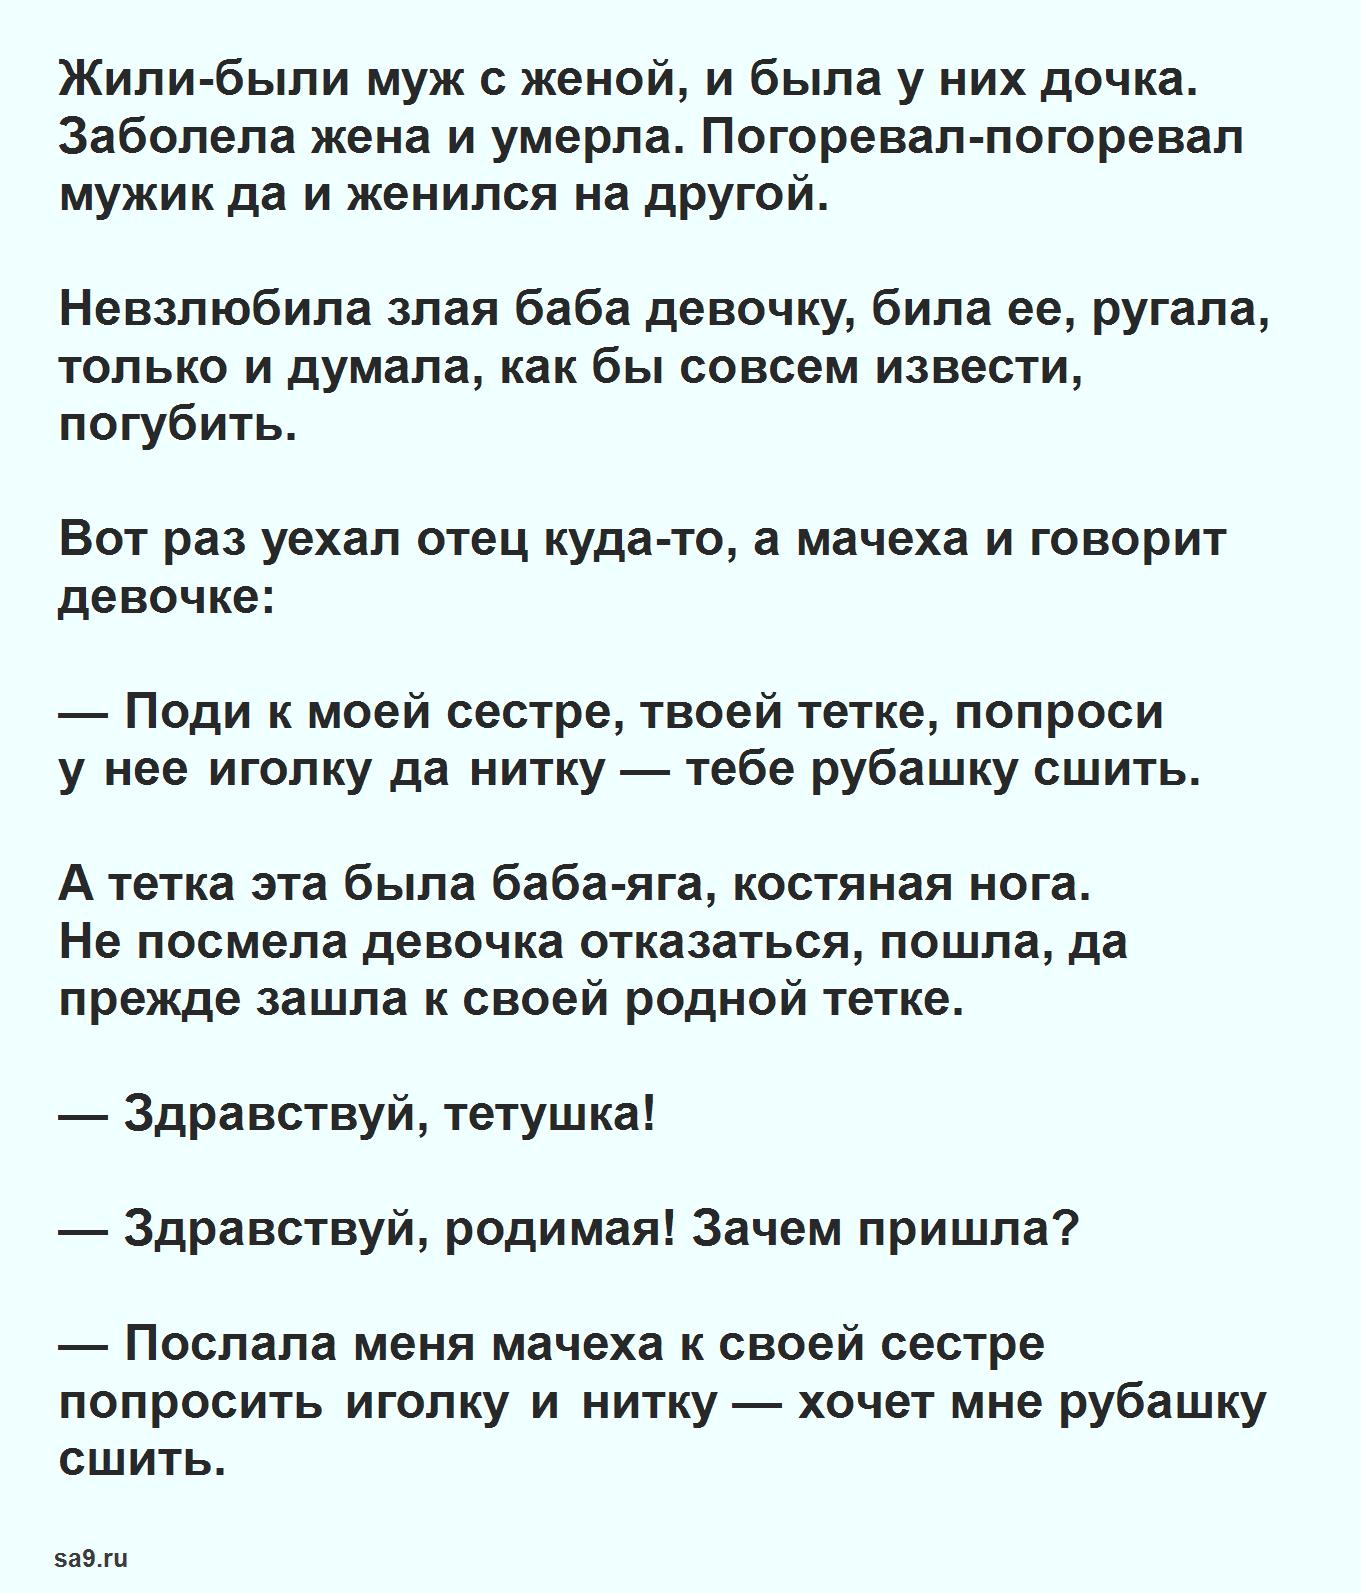 Баба-яга - русская народная сказка